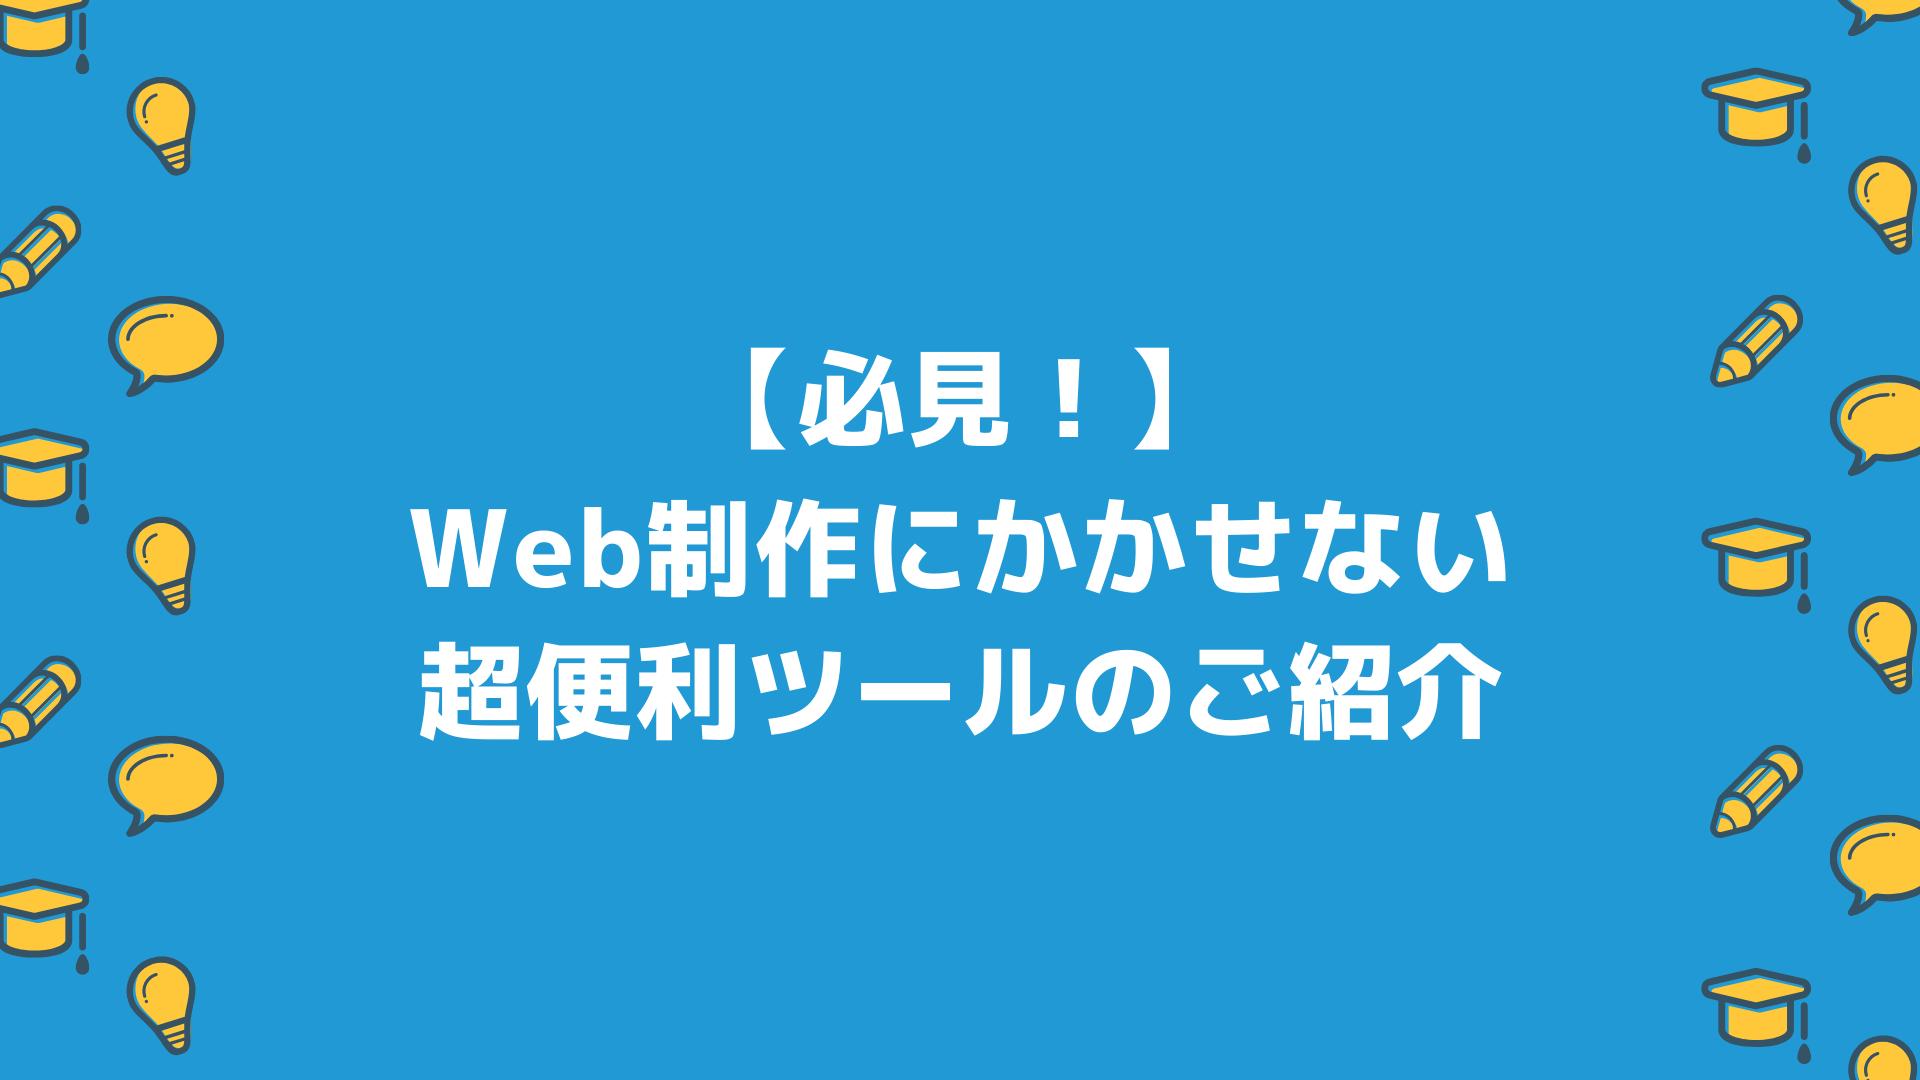 【必見!】Web制作にかかせない超便利ツールのご紹介